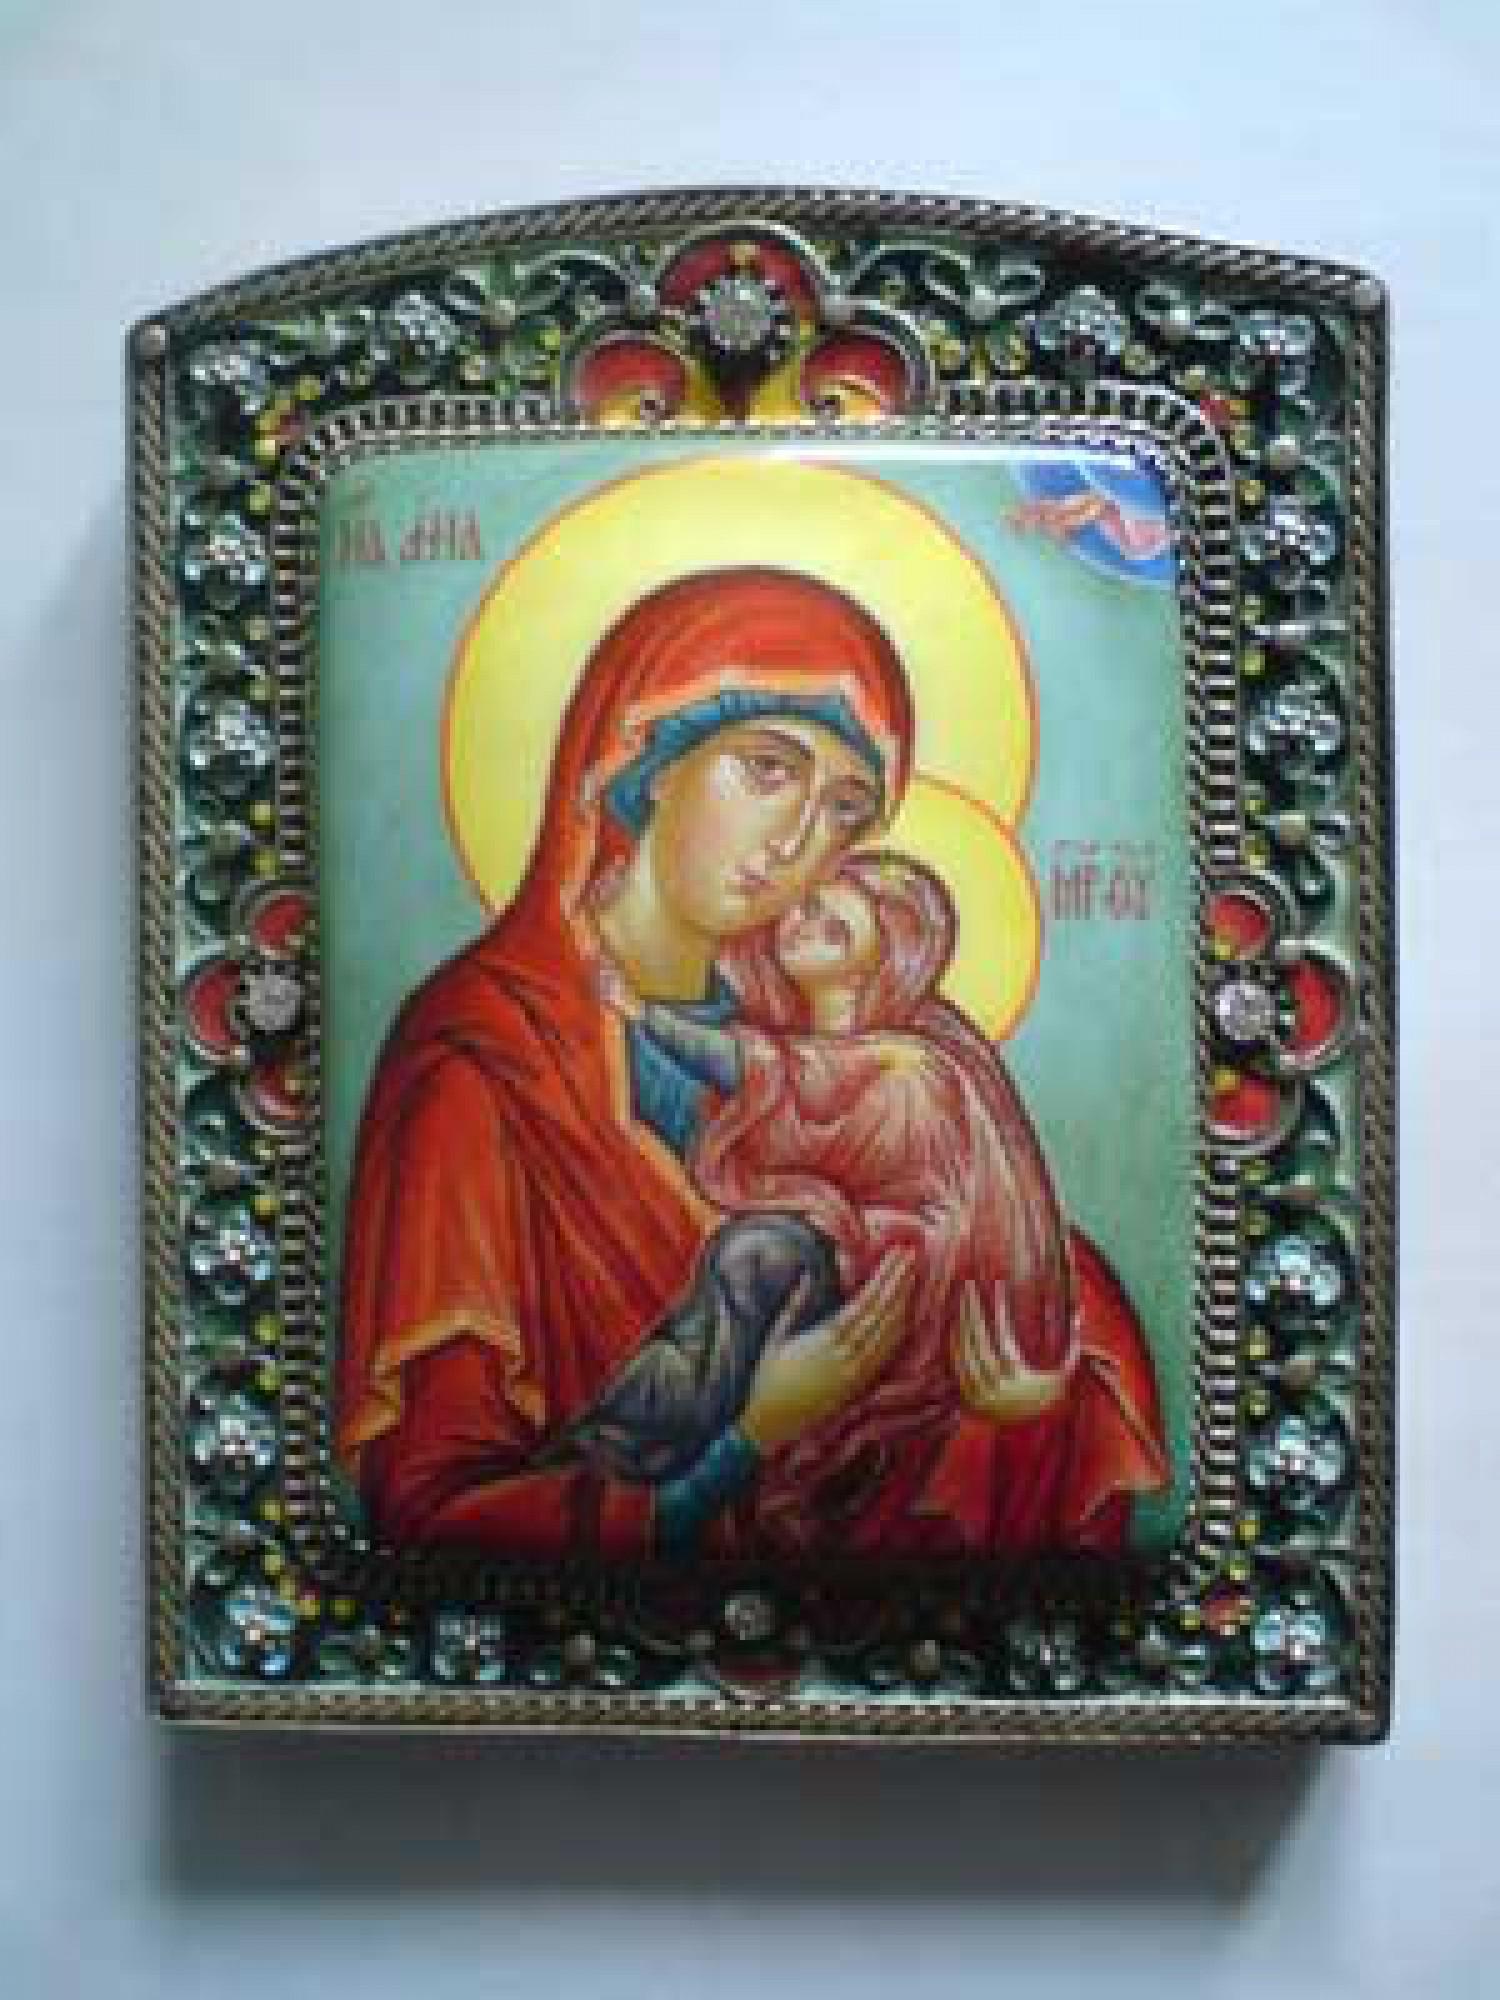 Е.В.Смирнова. Святая Анна с младенцем Марией. 2006. 11х13,5 см. Медь, живопись по эмали, эмаль по скани, оксидирование.